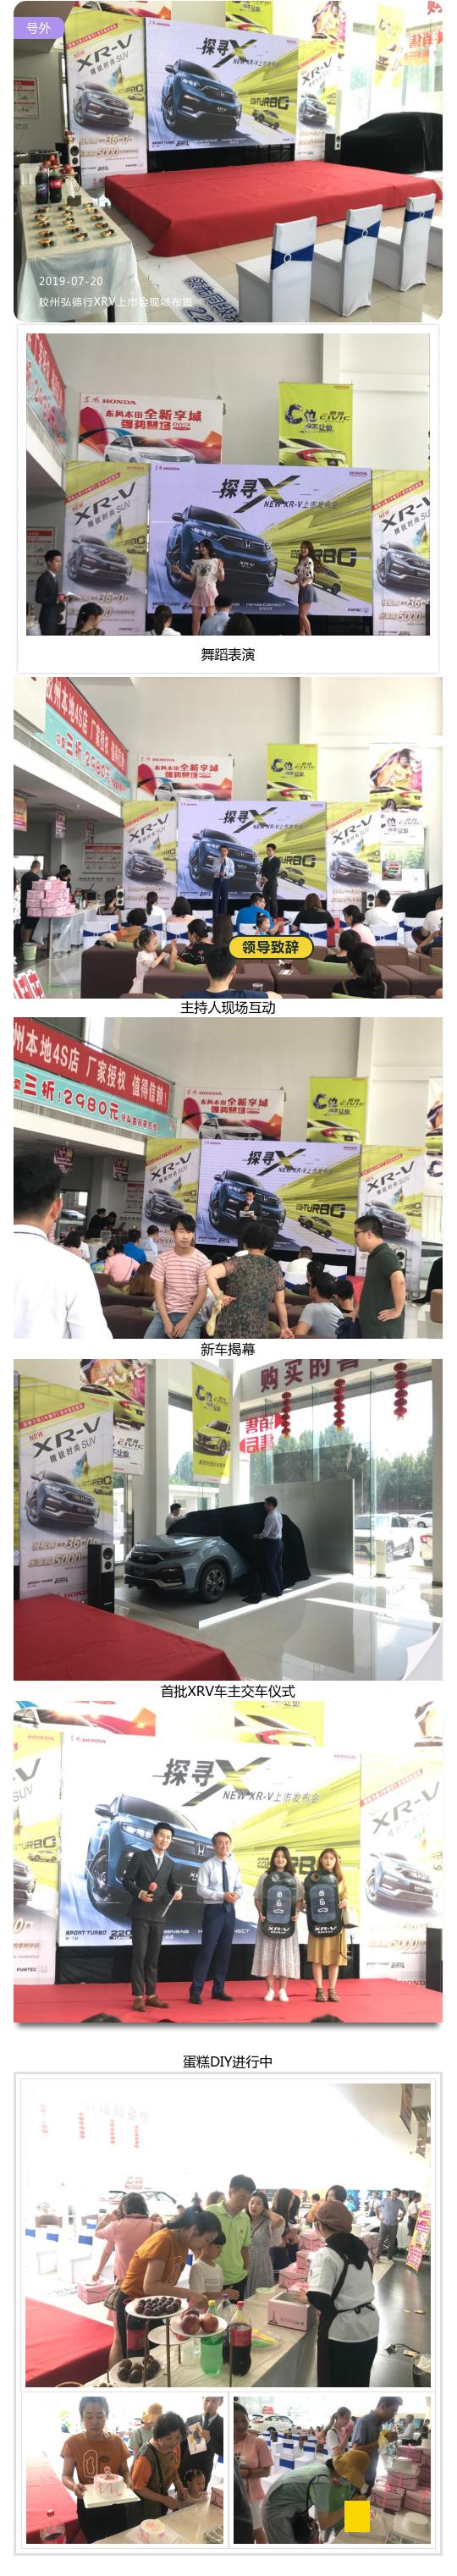 7月20日胶州弘德行XRV新车活动上市完美收官